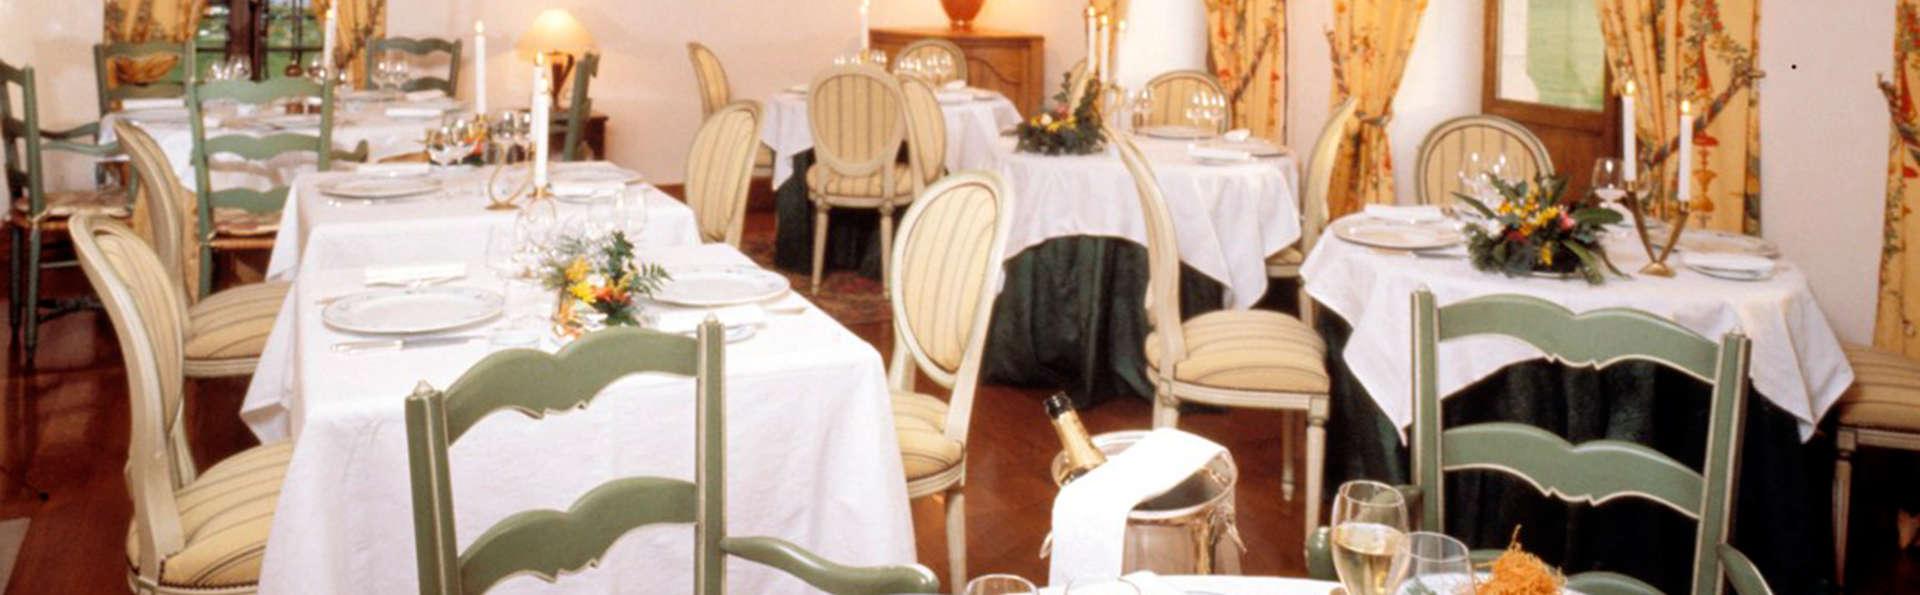 Détente et dîner Gourmand à La Ferme du Château, au cœur de la Savoie